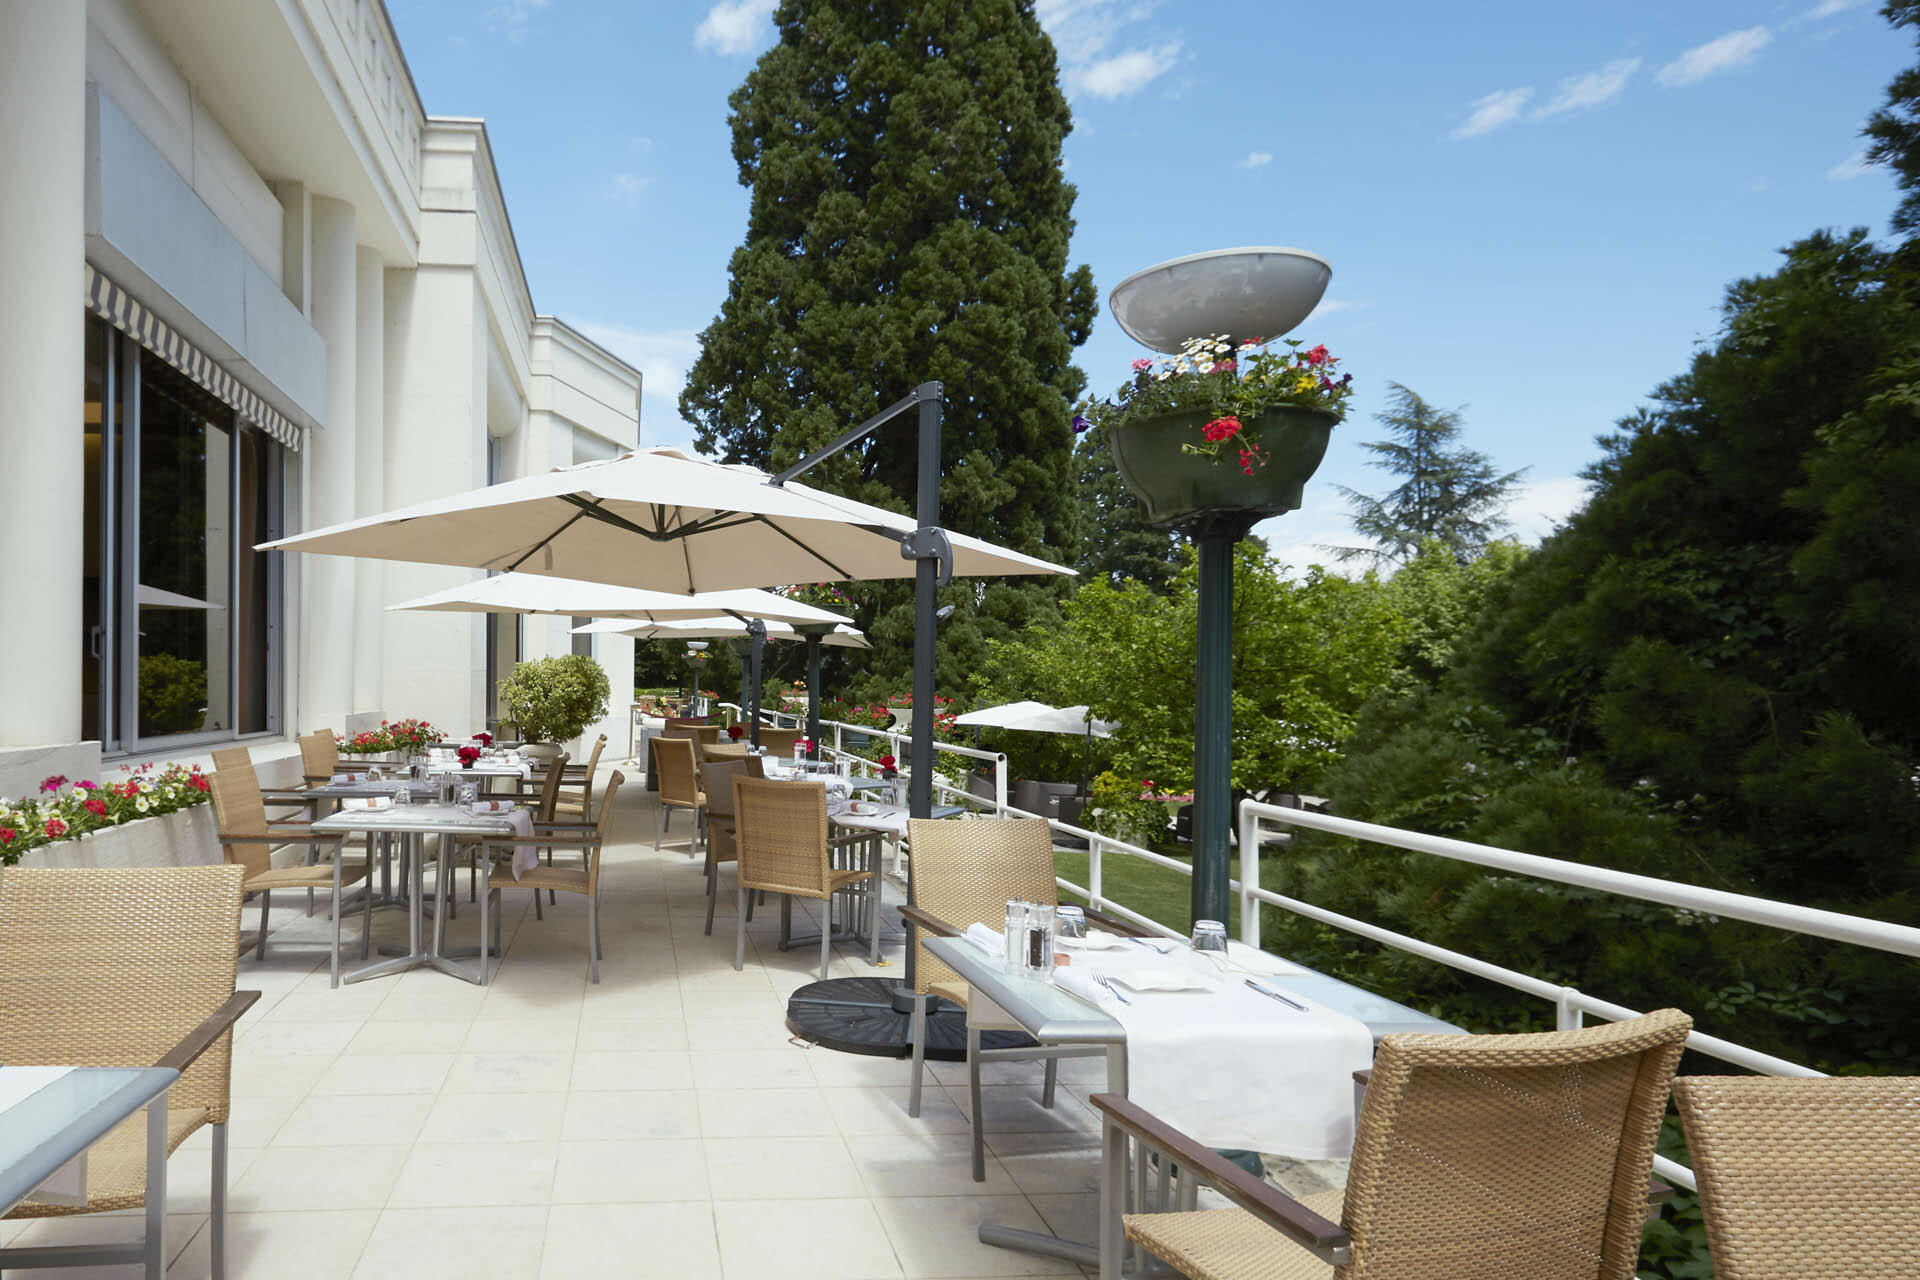 Terrace at Domaine de Divonne Hotel in Divonne-les-Bains